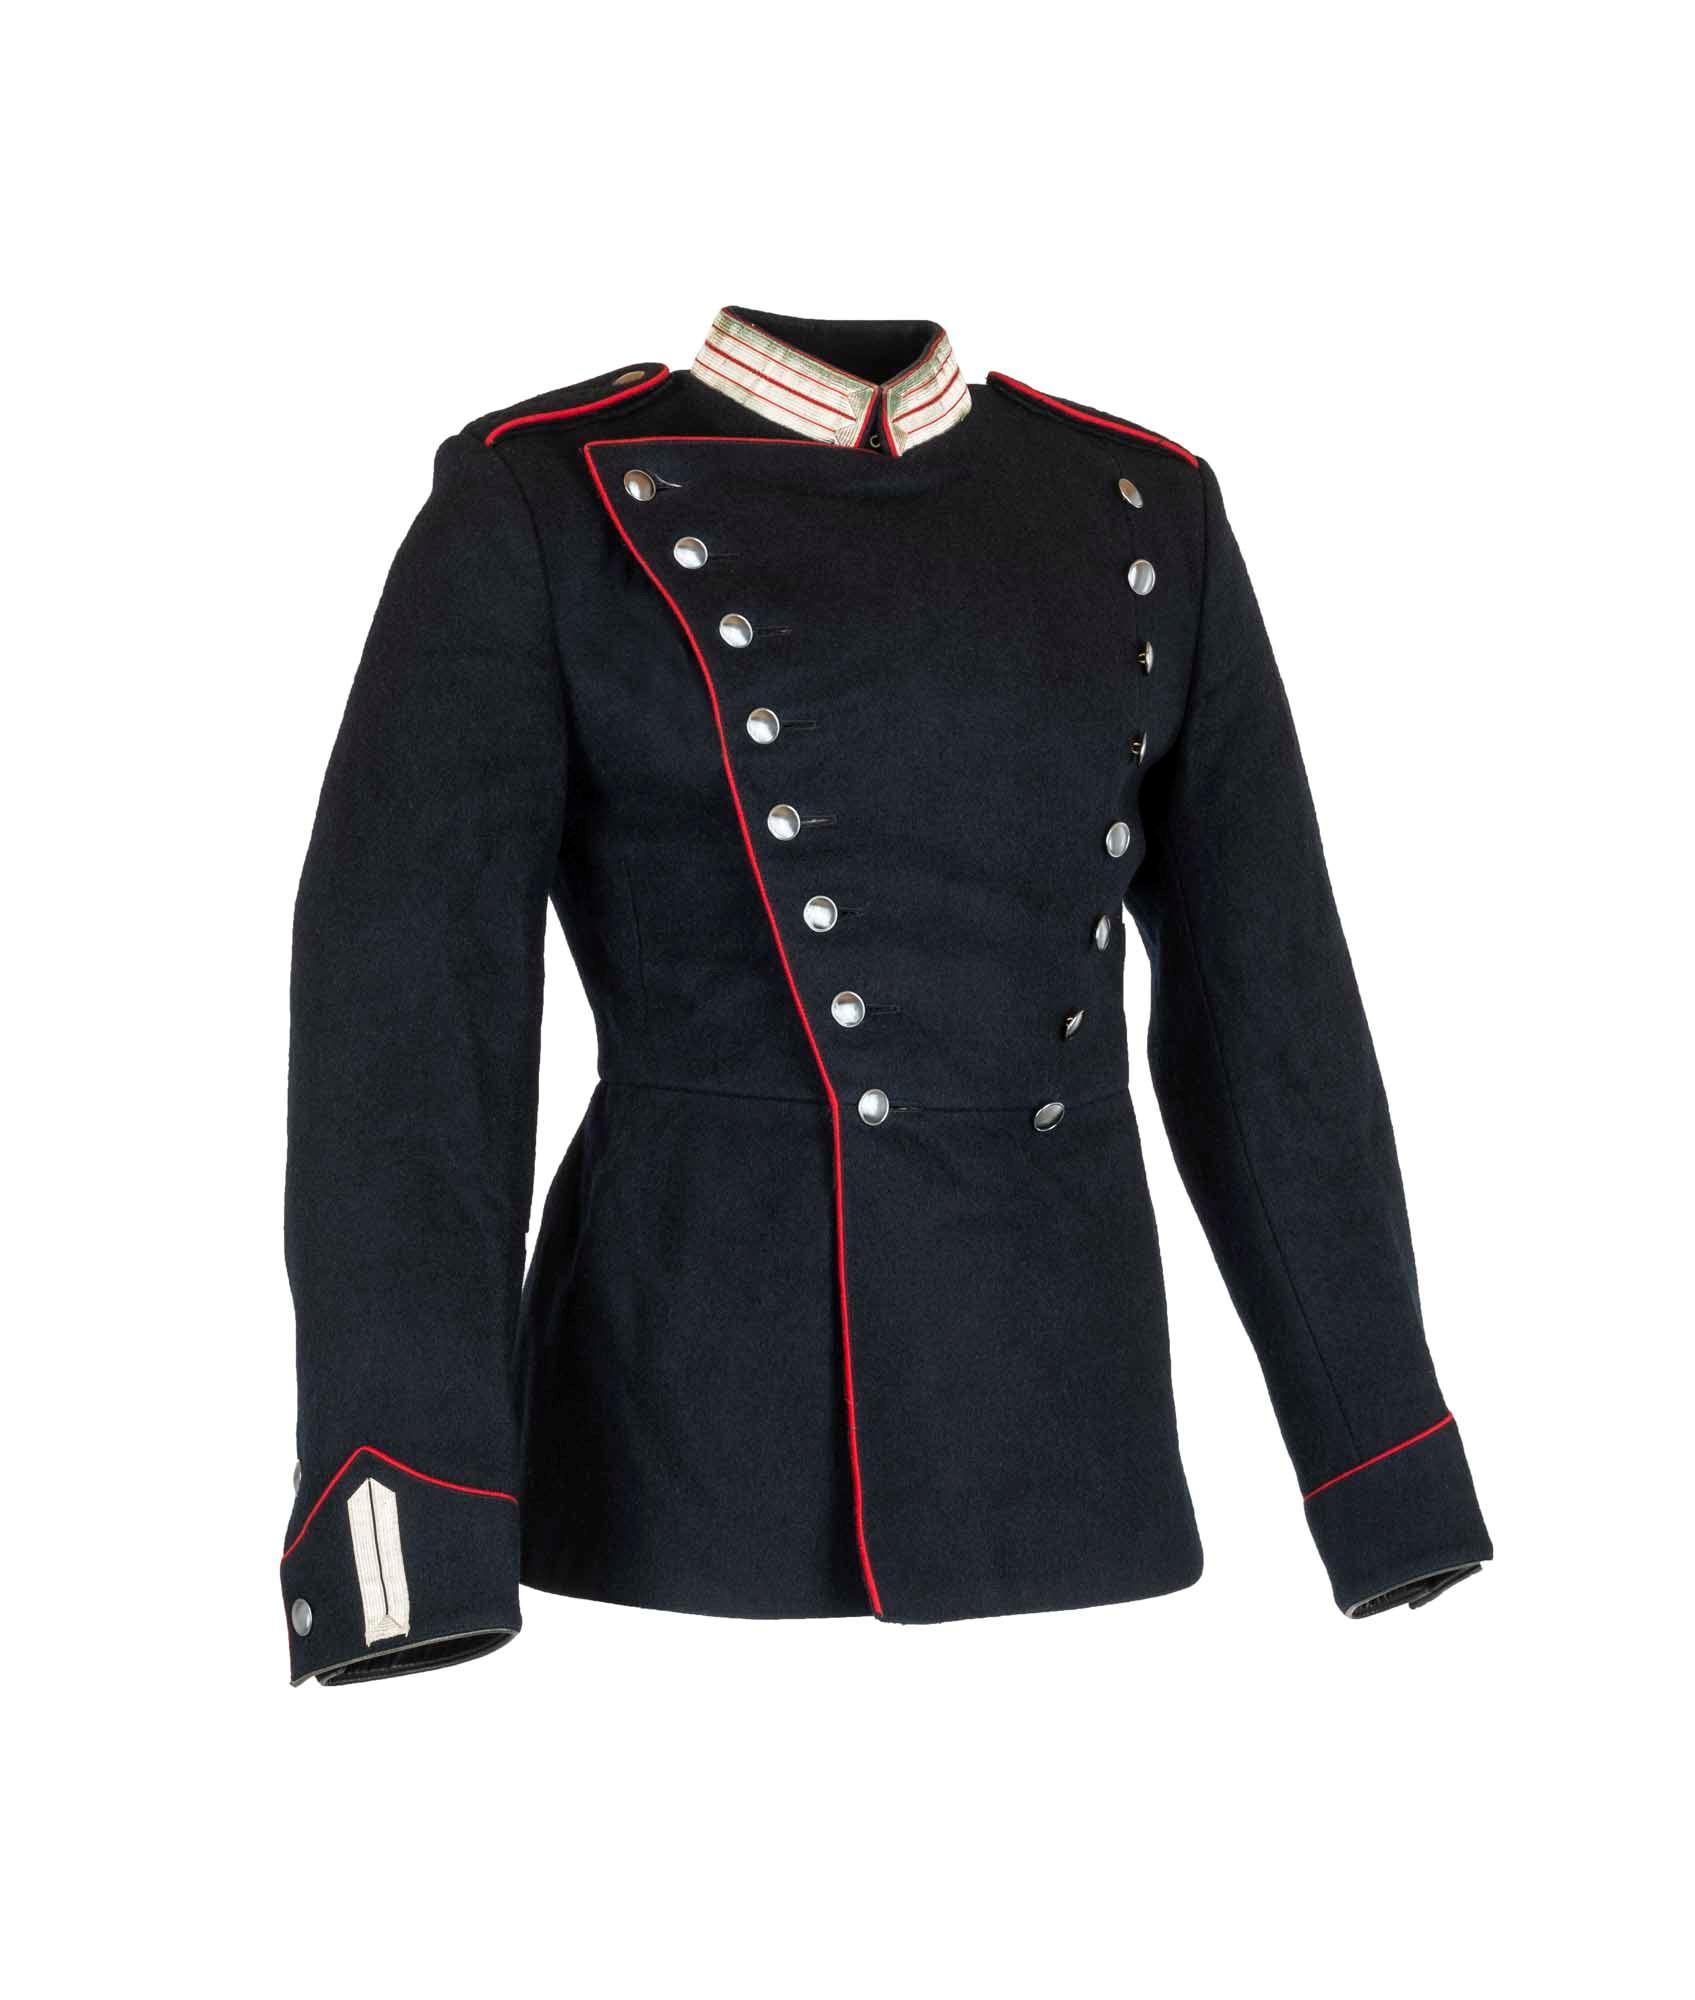 302e3858 Køb Livgardens garderjakke. Sort med røde kanter | 417